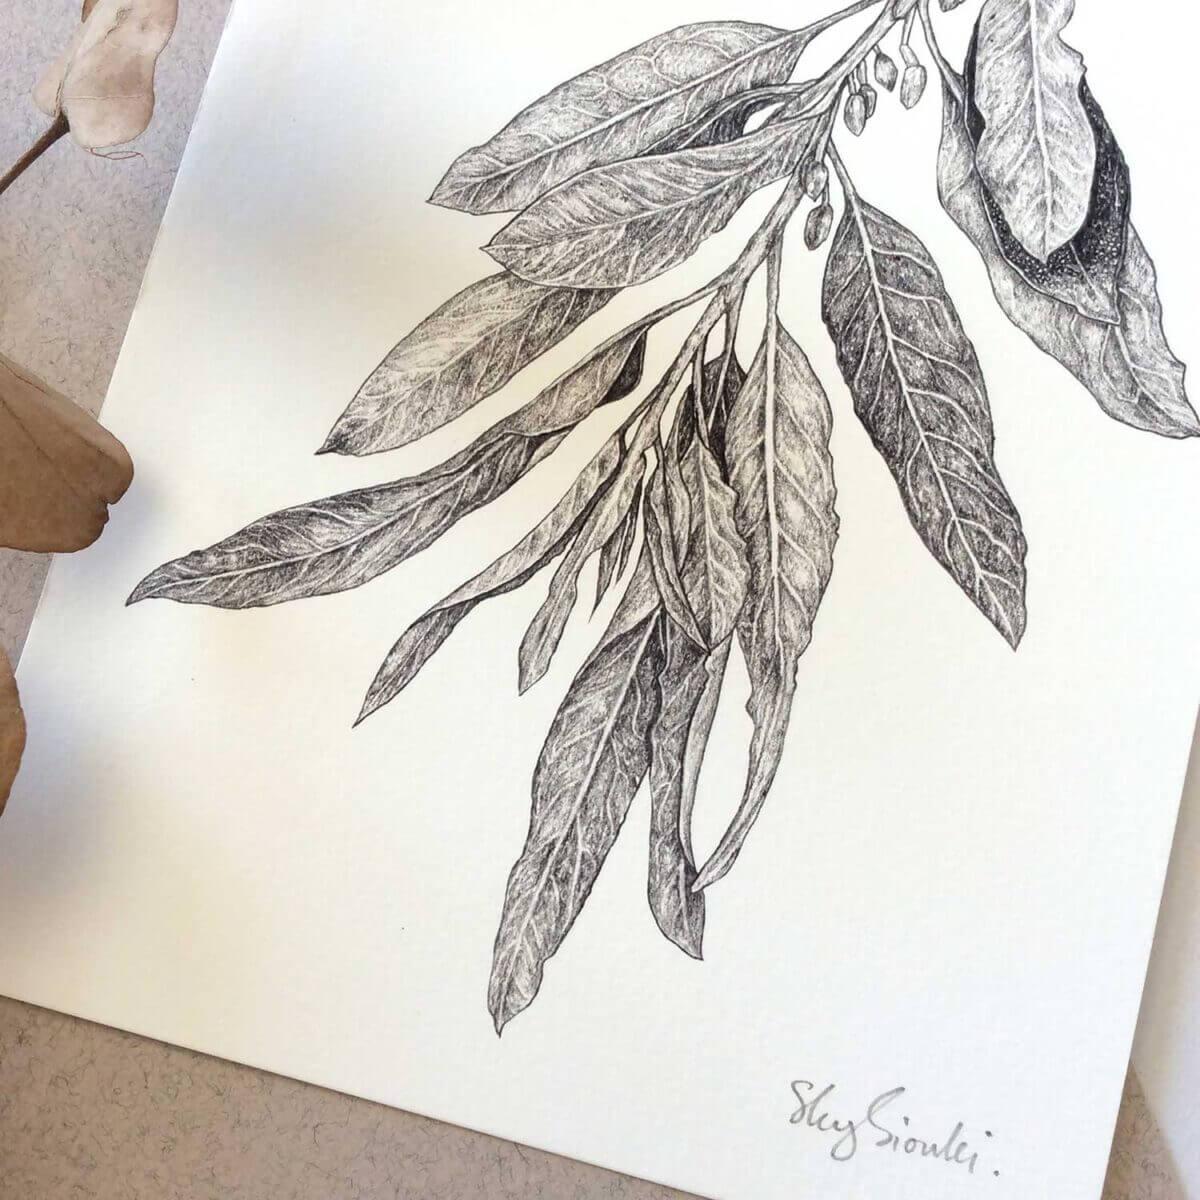 Wild-Olive-Art-Print-Detail-Sky-Siouki